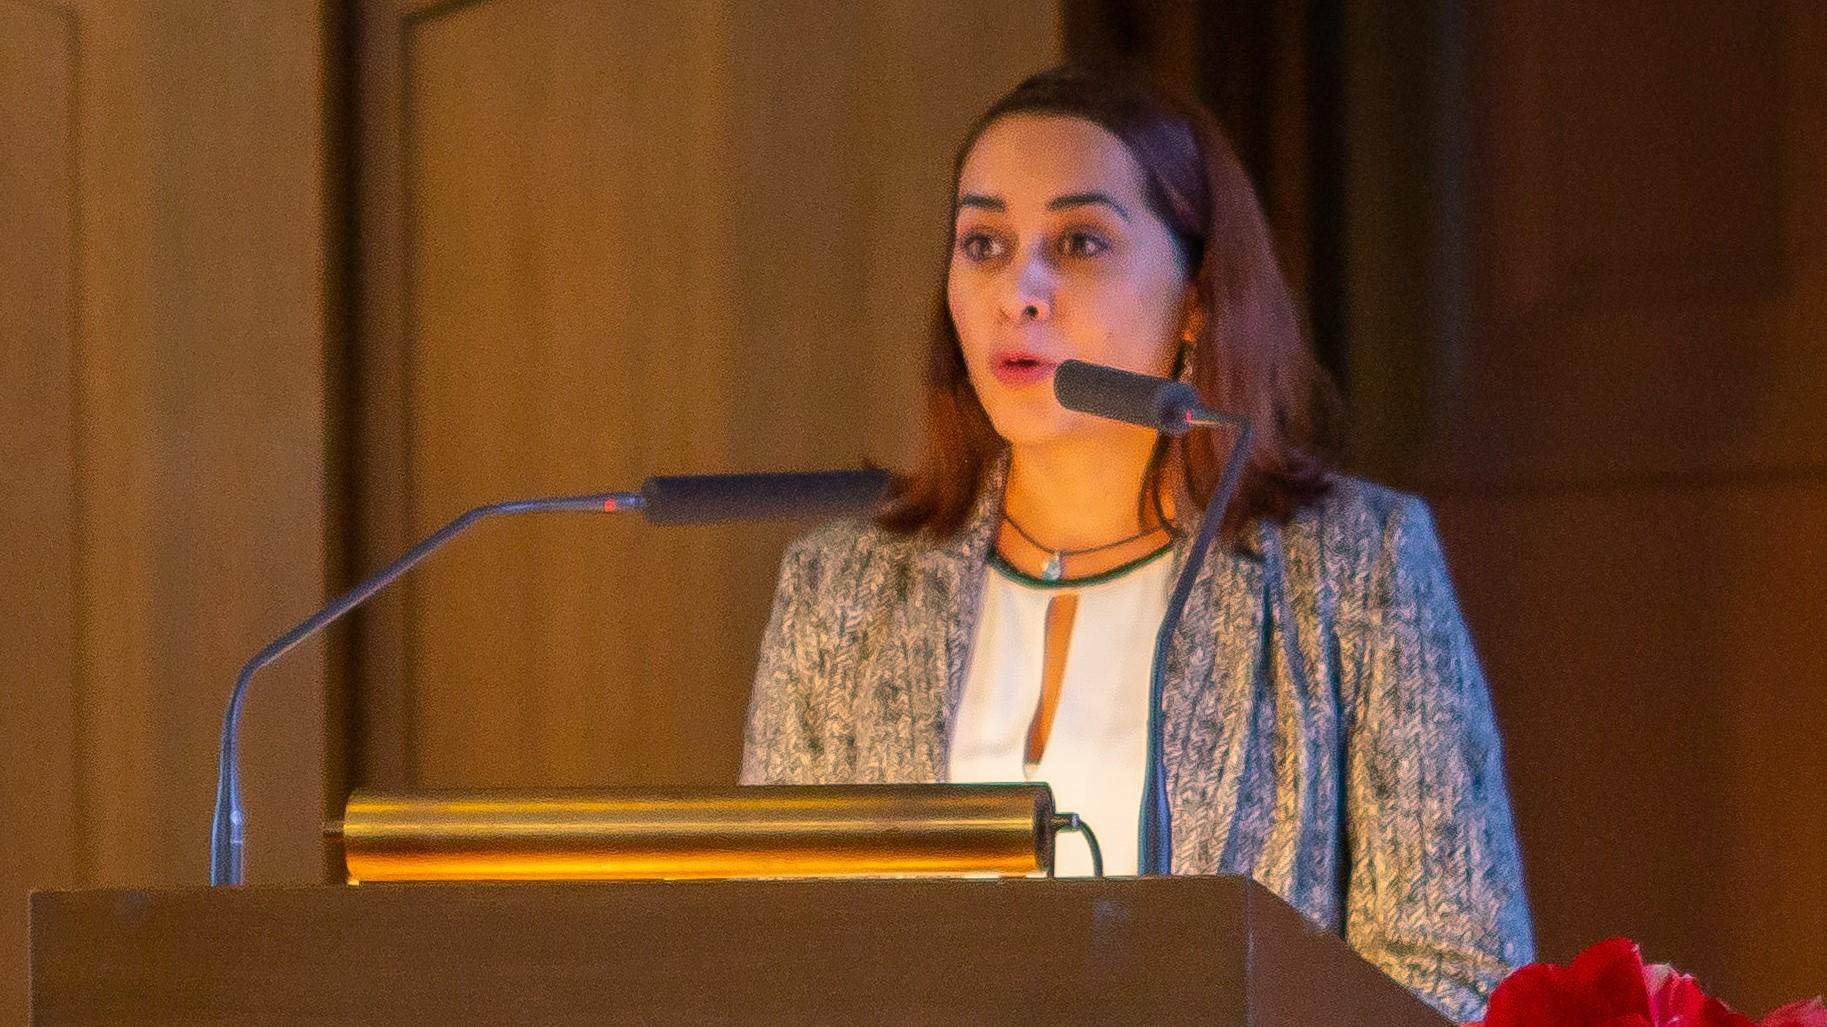 Expert Marketplace - Dr. Maria Luisa Mariscal de Körner - Impressionen eins